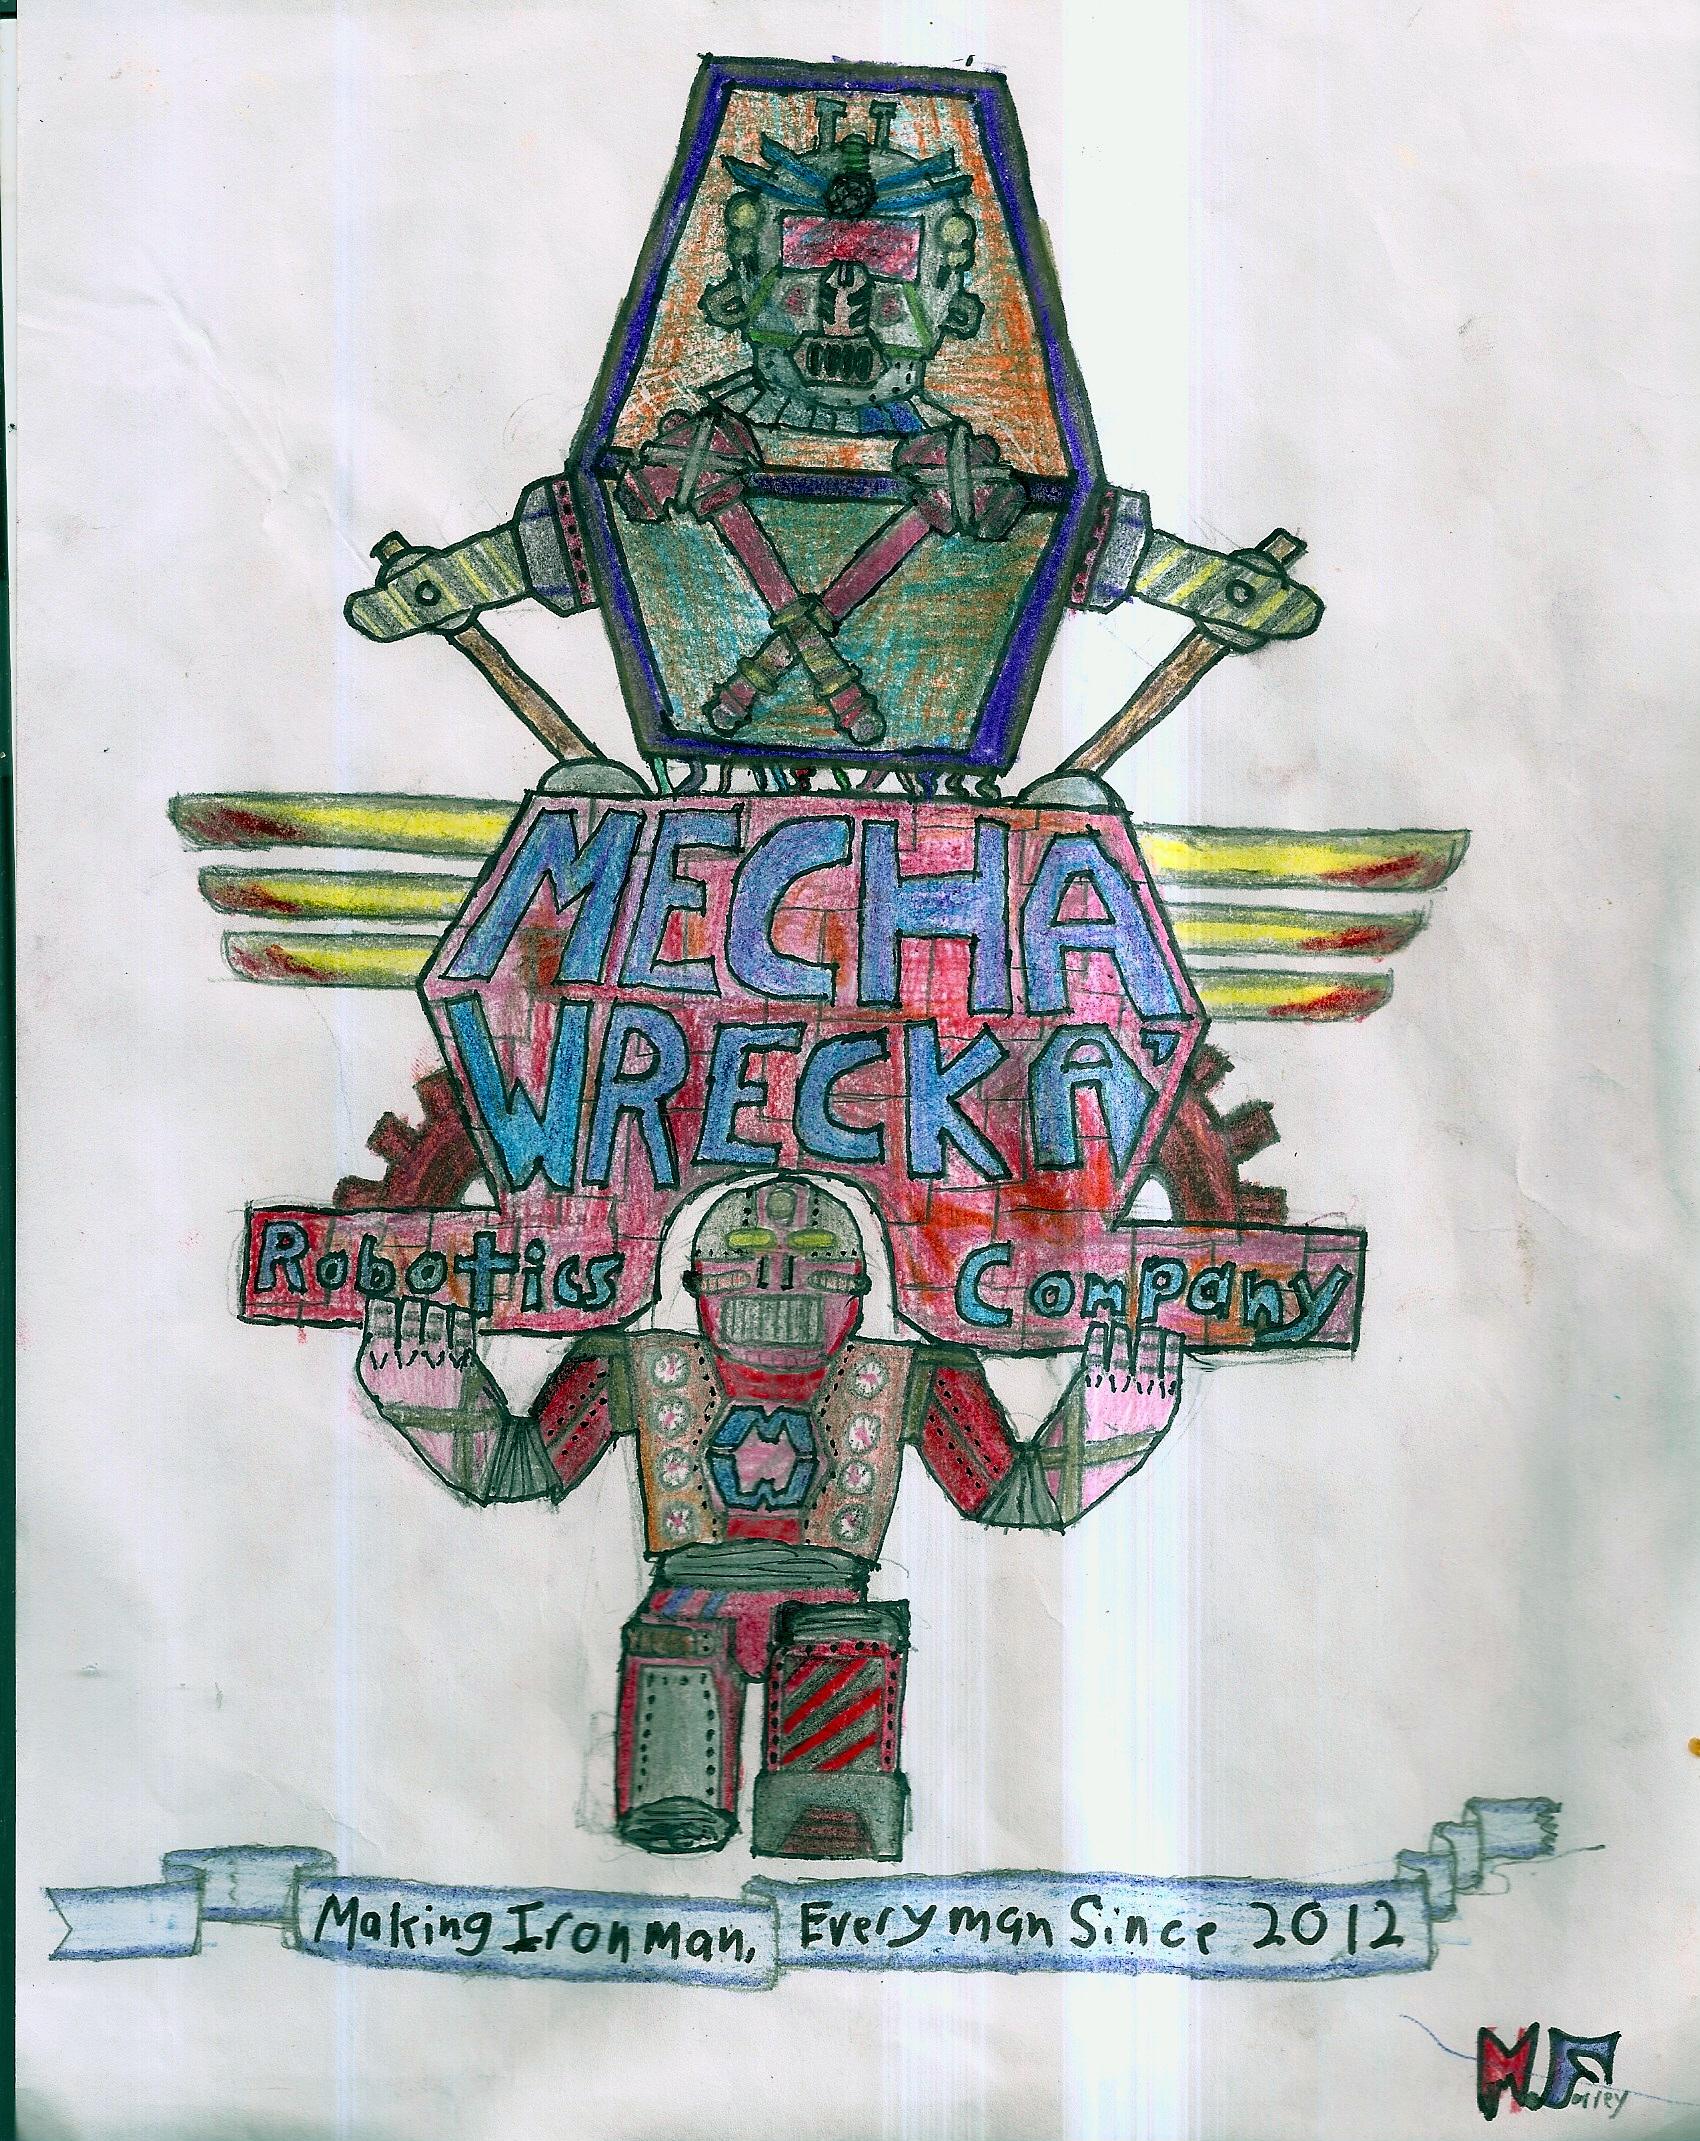 Mecha Wrecka' Robotics Co.